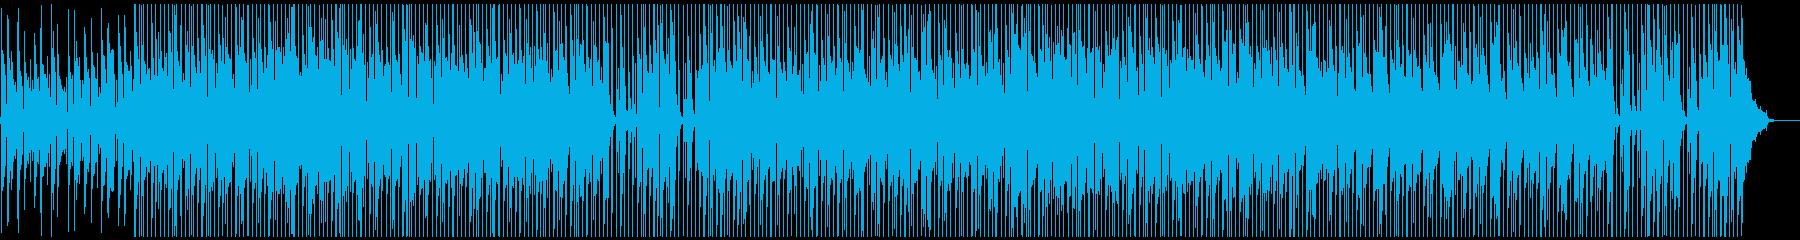 さわやか・日常アコースティックギター曲の再生済みの波形